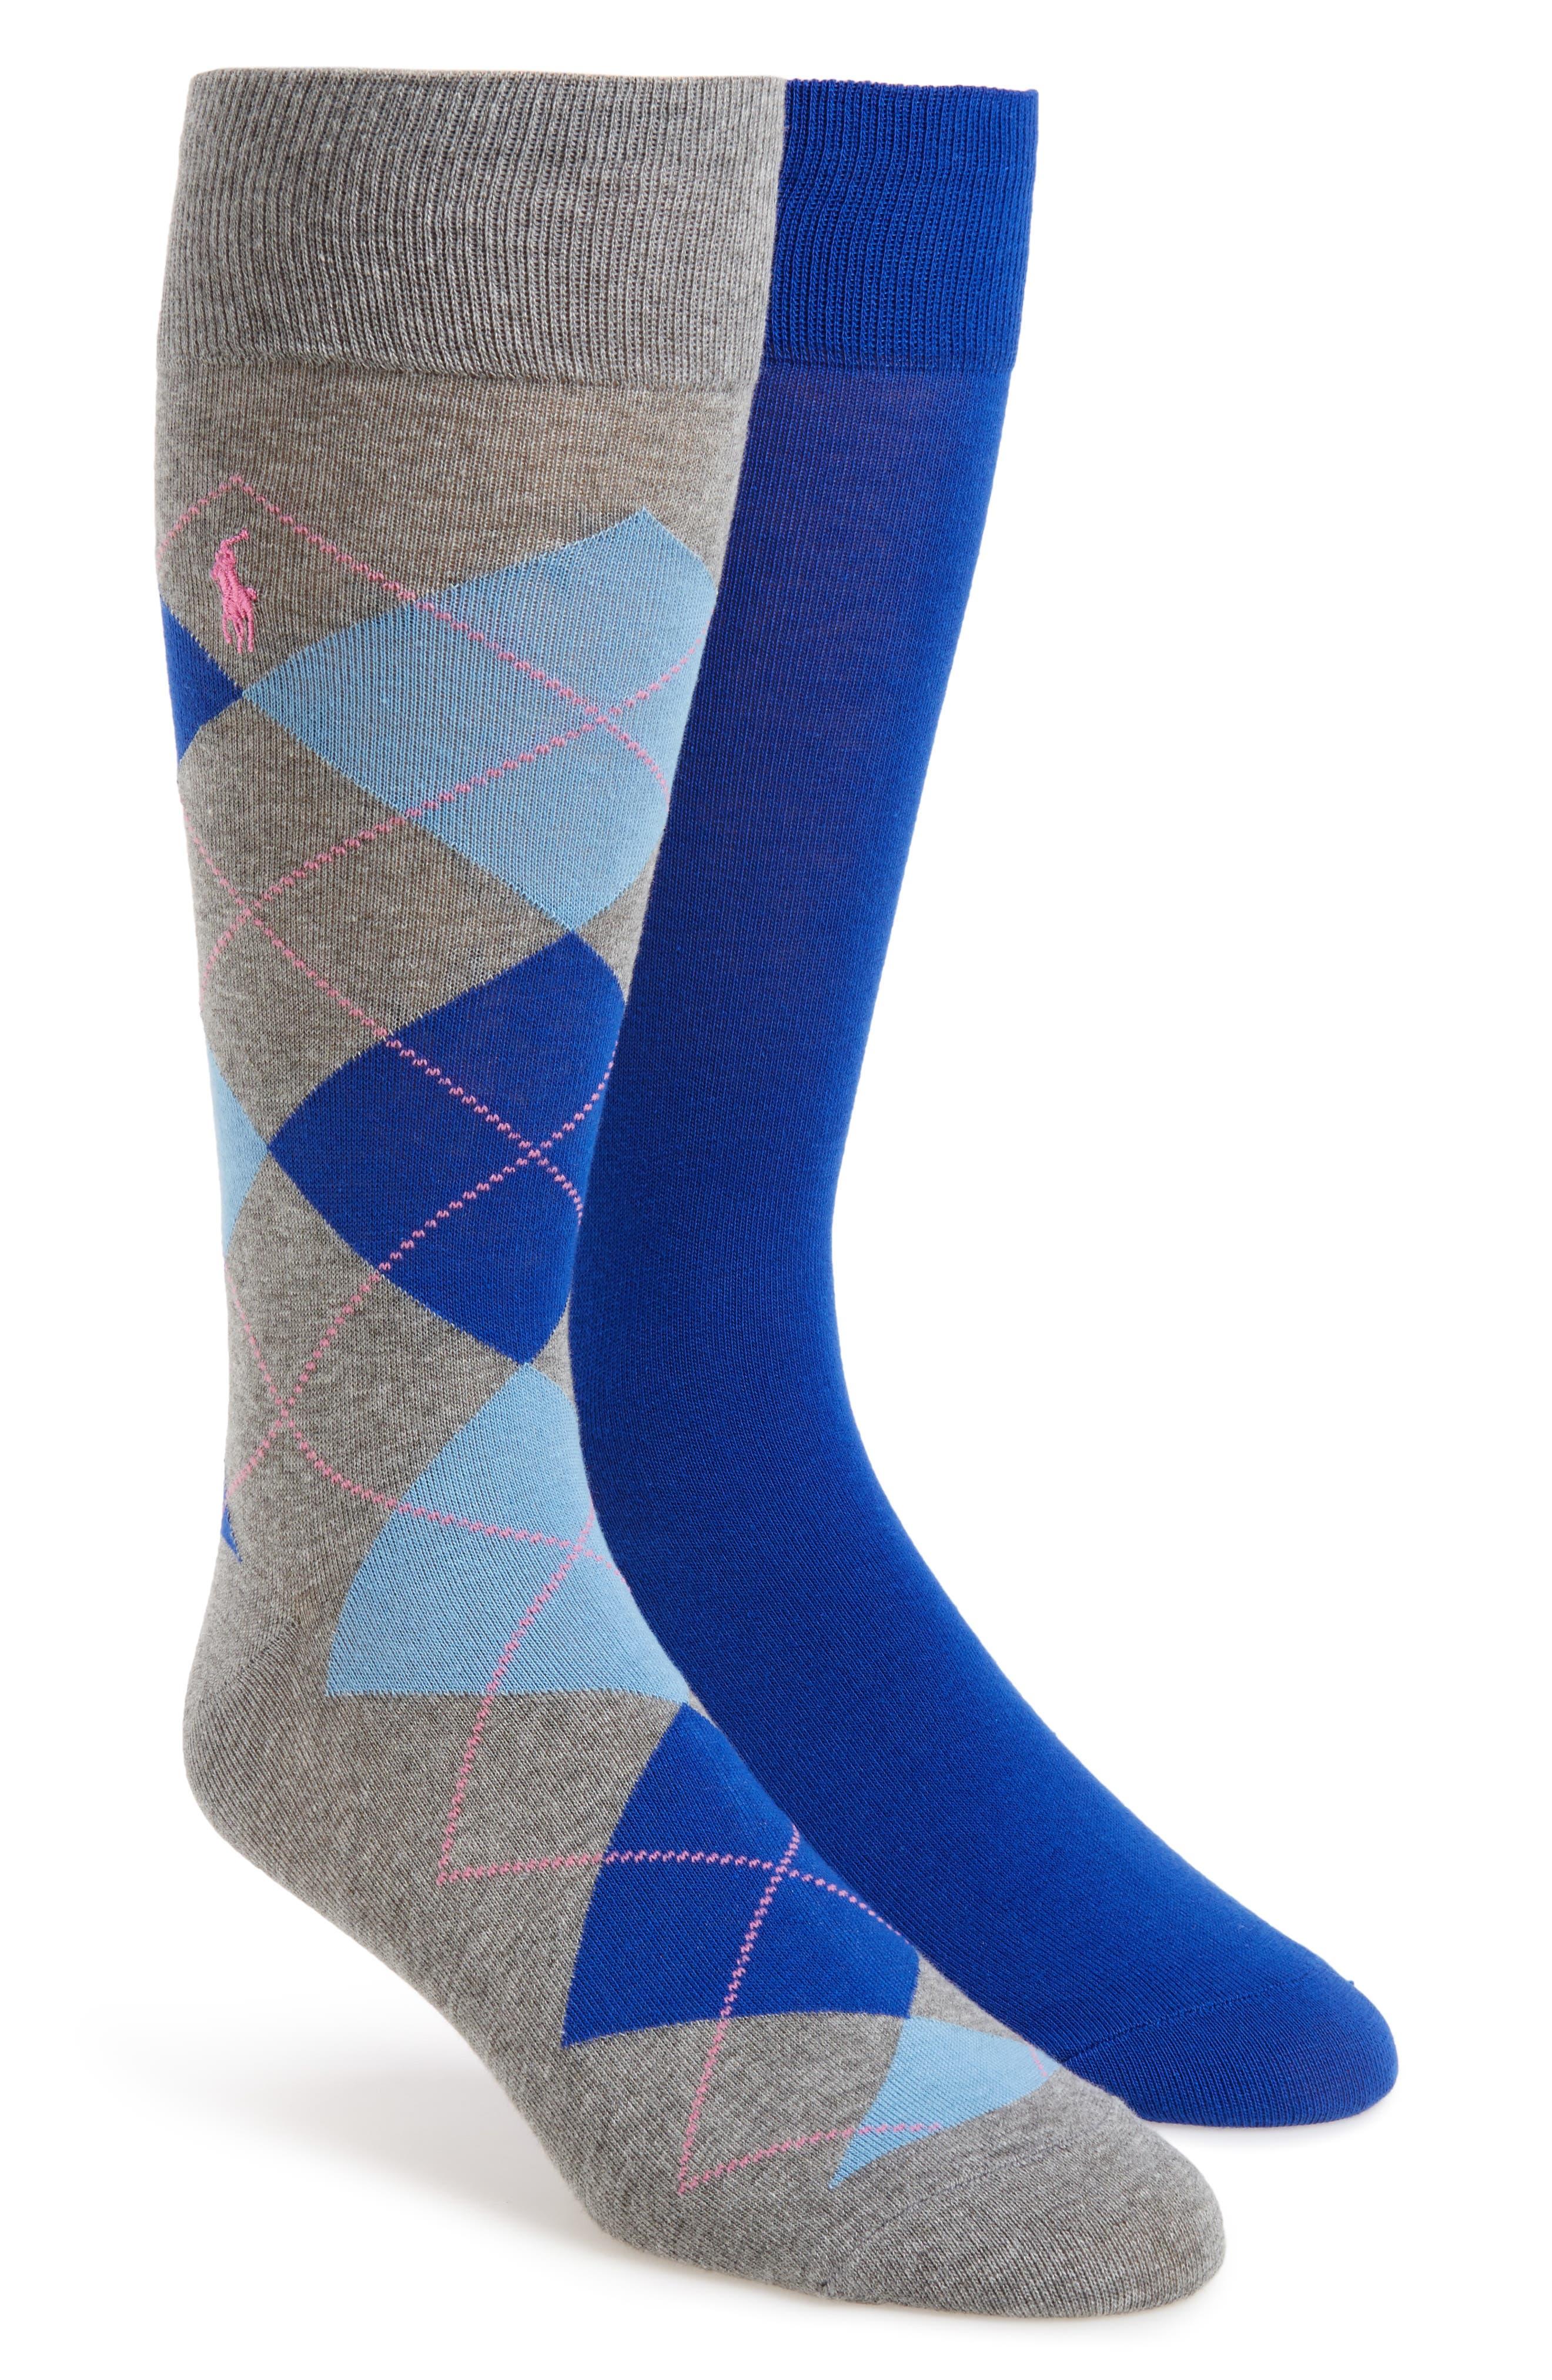 Alternate Image 1 Selected - Polo Ralph Lauren Cotton Blend Socks (2-Pack)